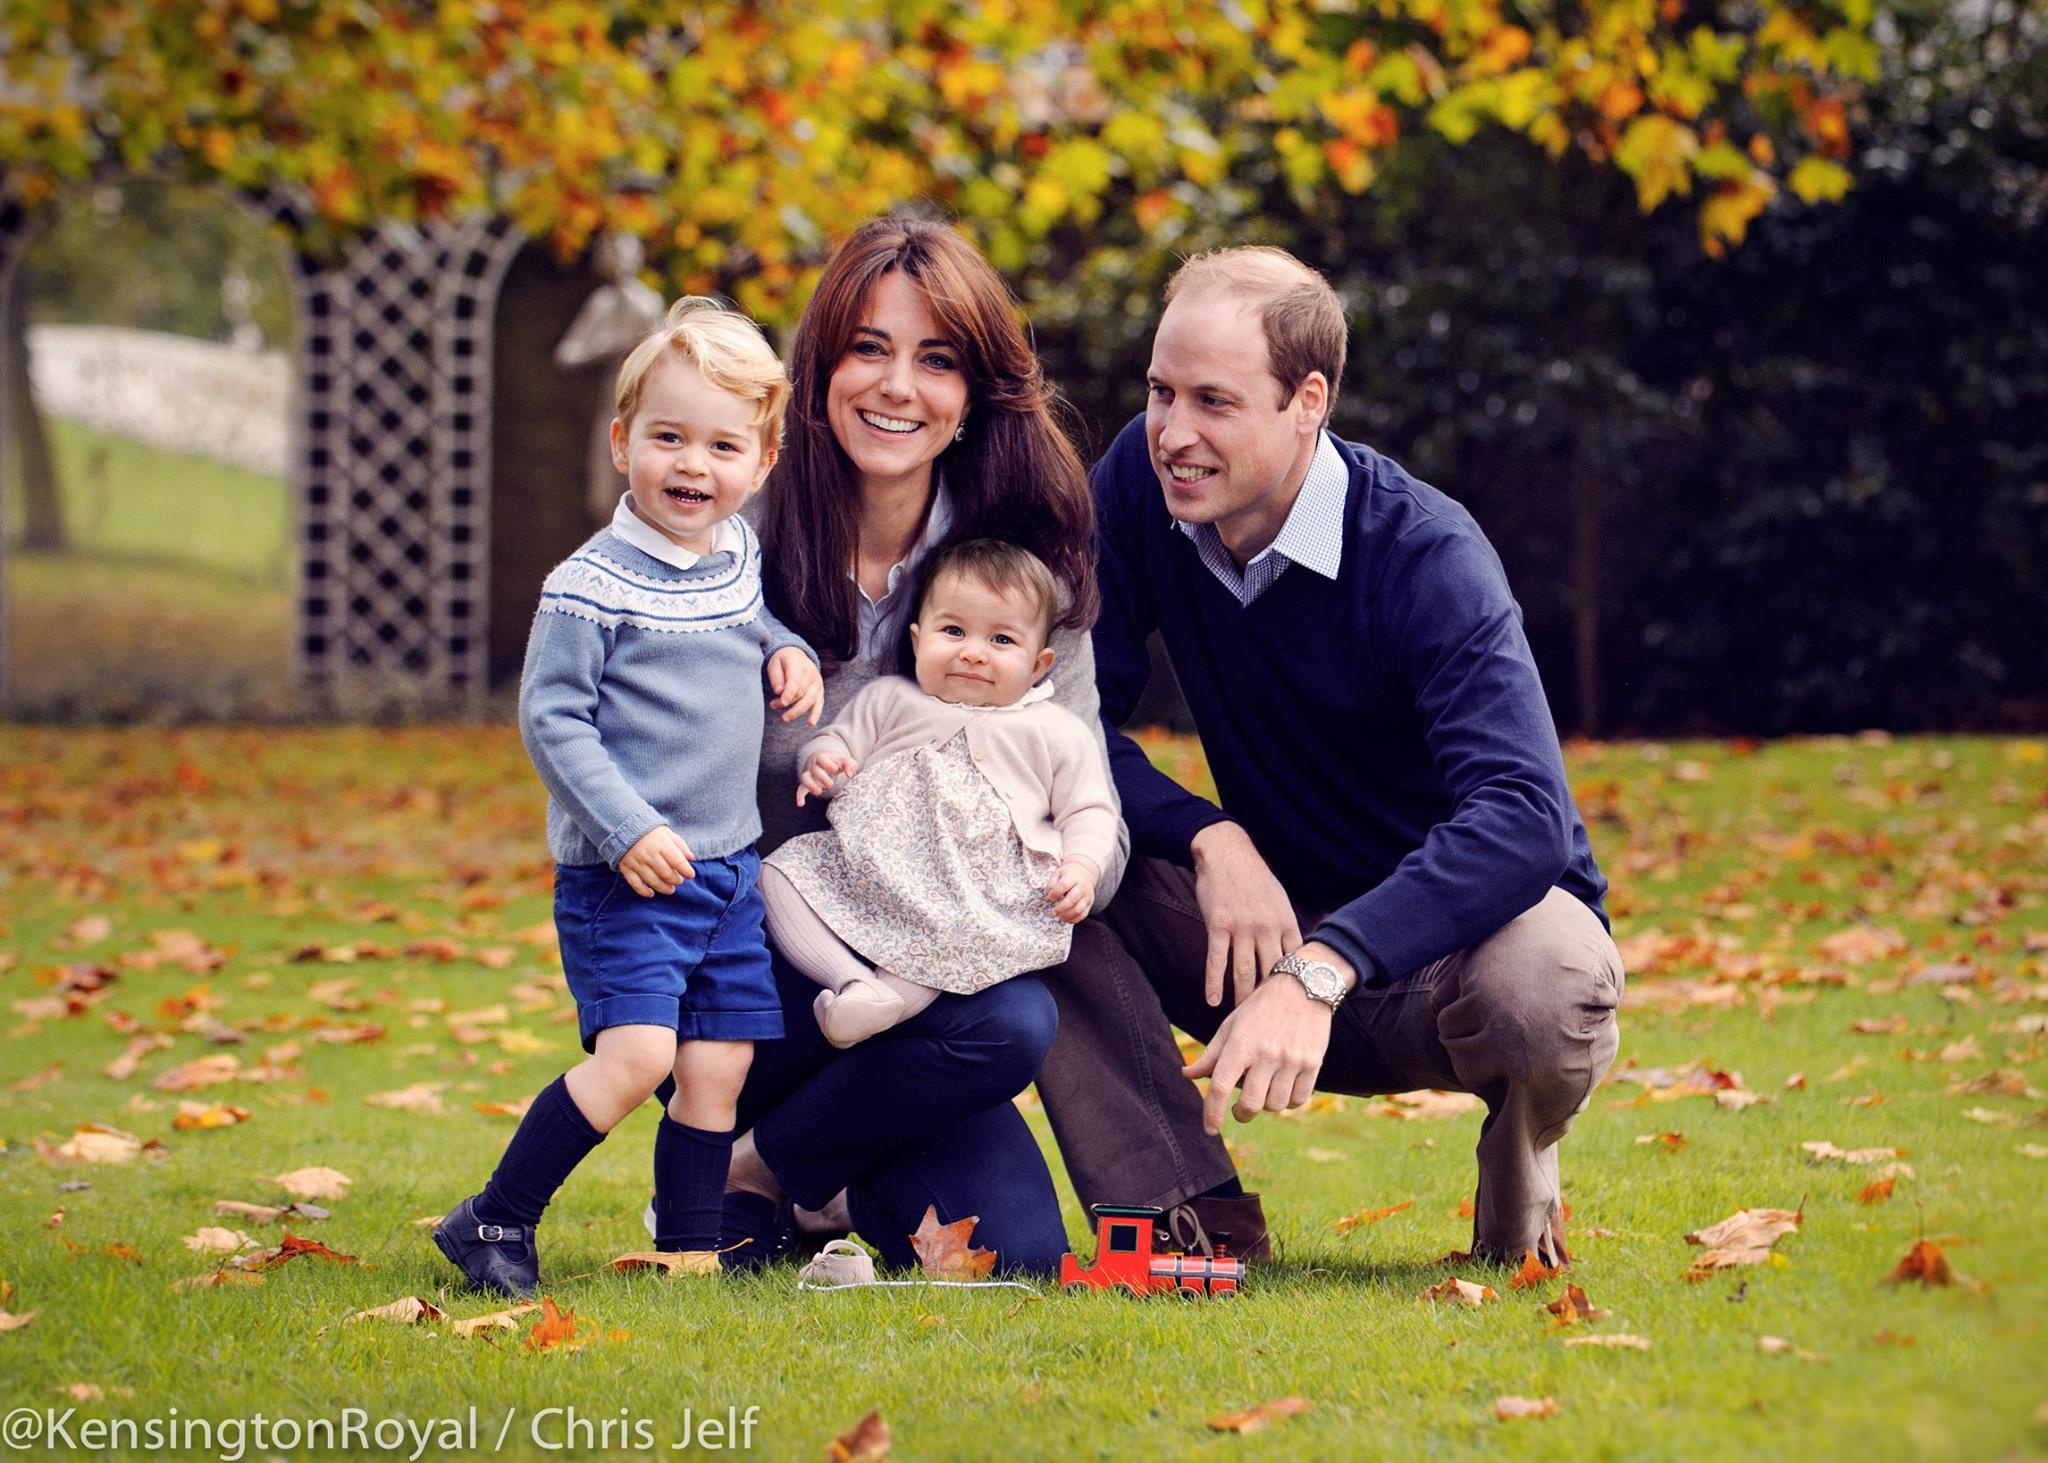 來自英國皇室的祝福:一家四口迎接小公主 Charlotte 的第 1 個快樂聖誕 9